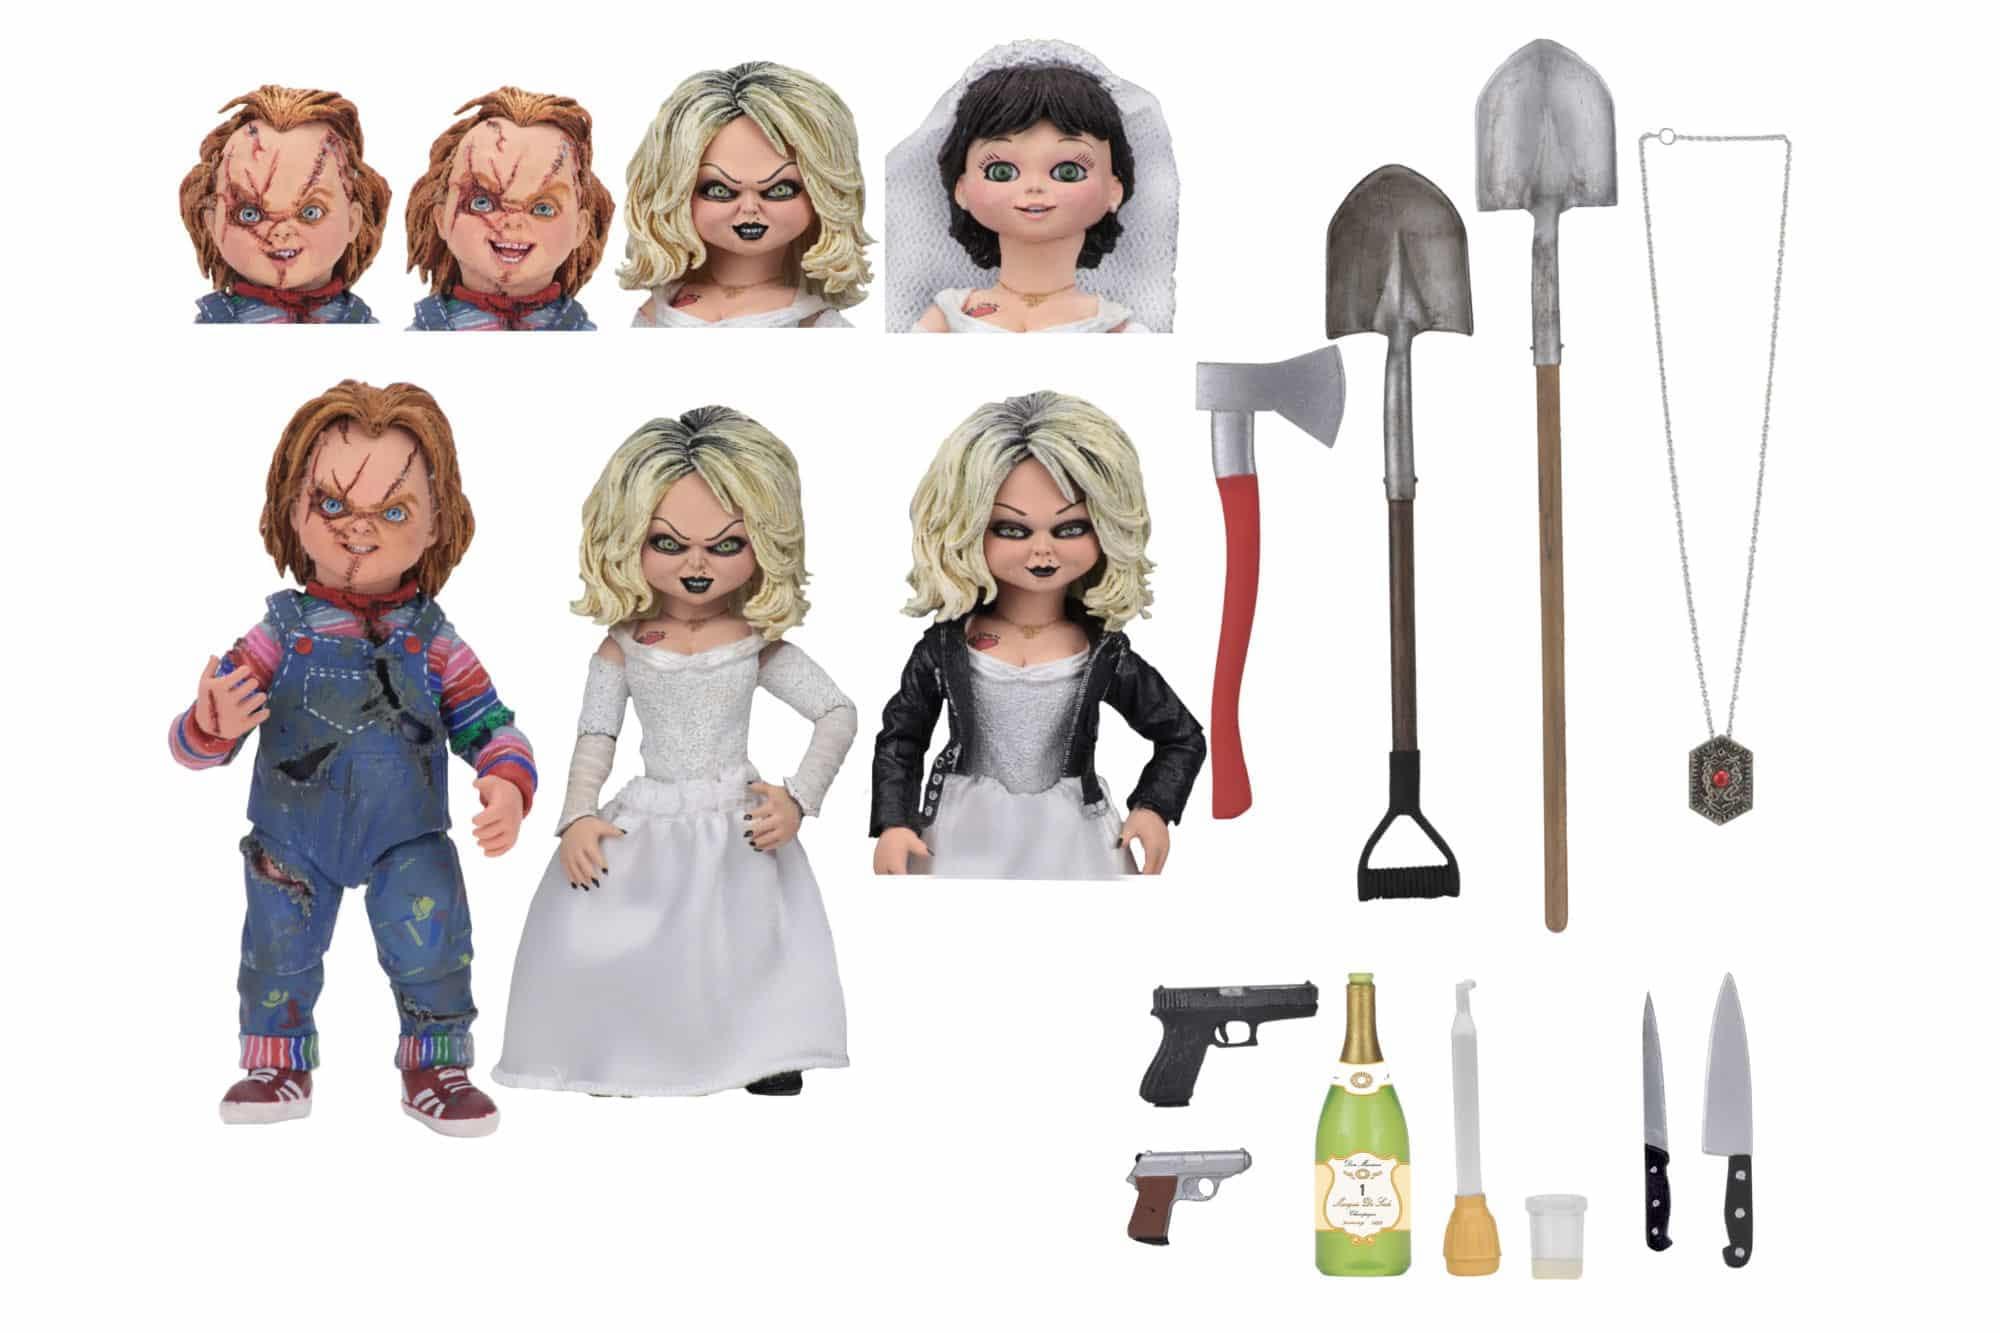 NECA Bride of Chucky Set 8